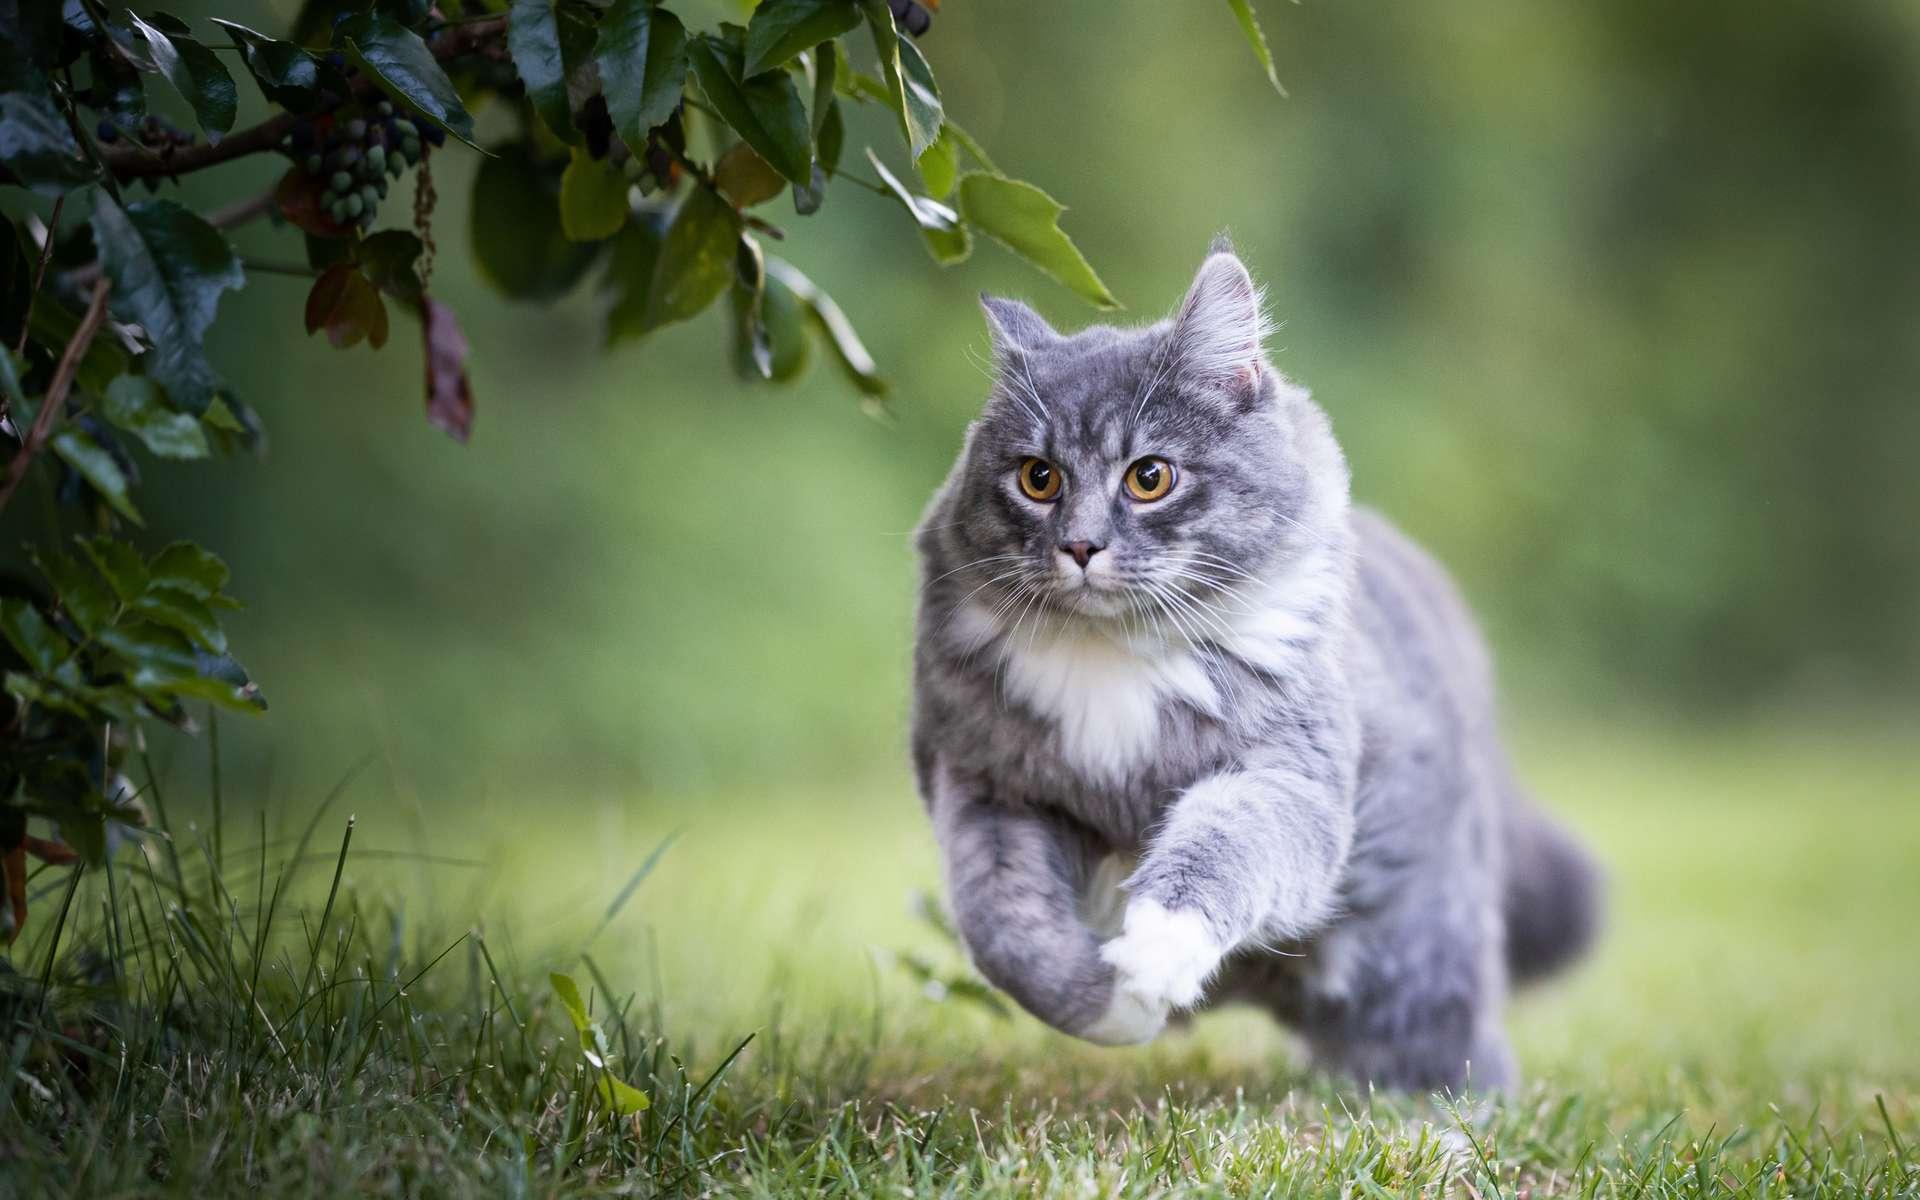 Le génome du chat pourrait permettre de déchiffrer celui de l'humain. © FurryFritz, Adobe Stock